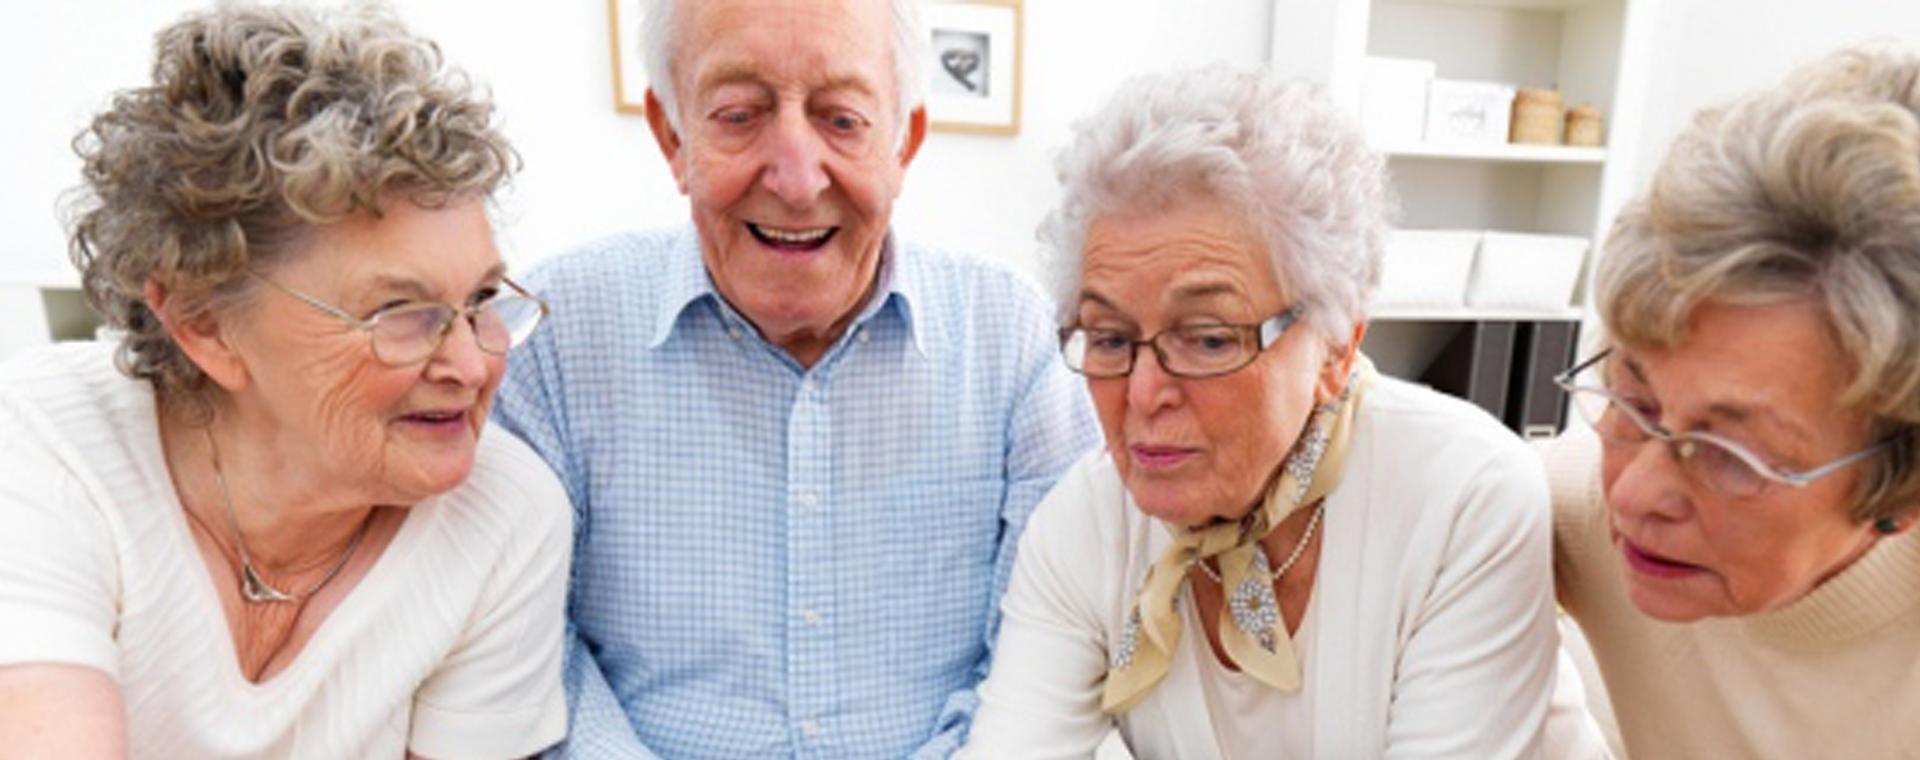 Invecchiamento della popolazione: prospettive e nuove sfide